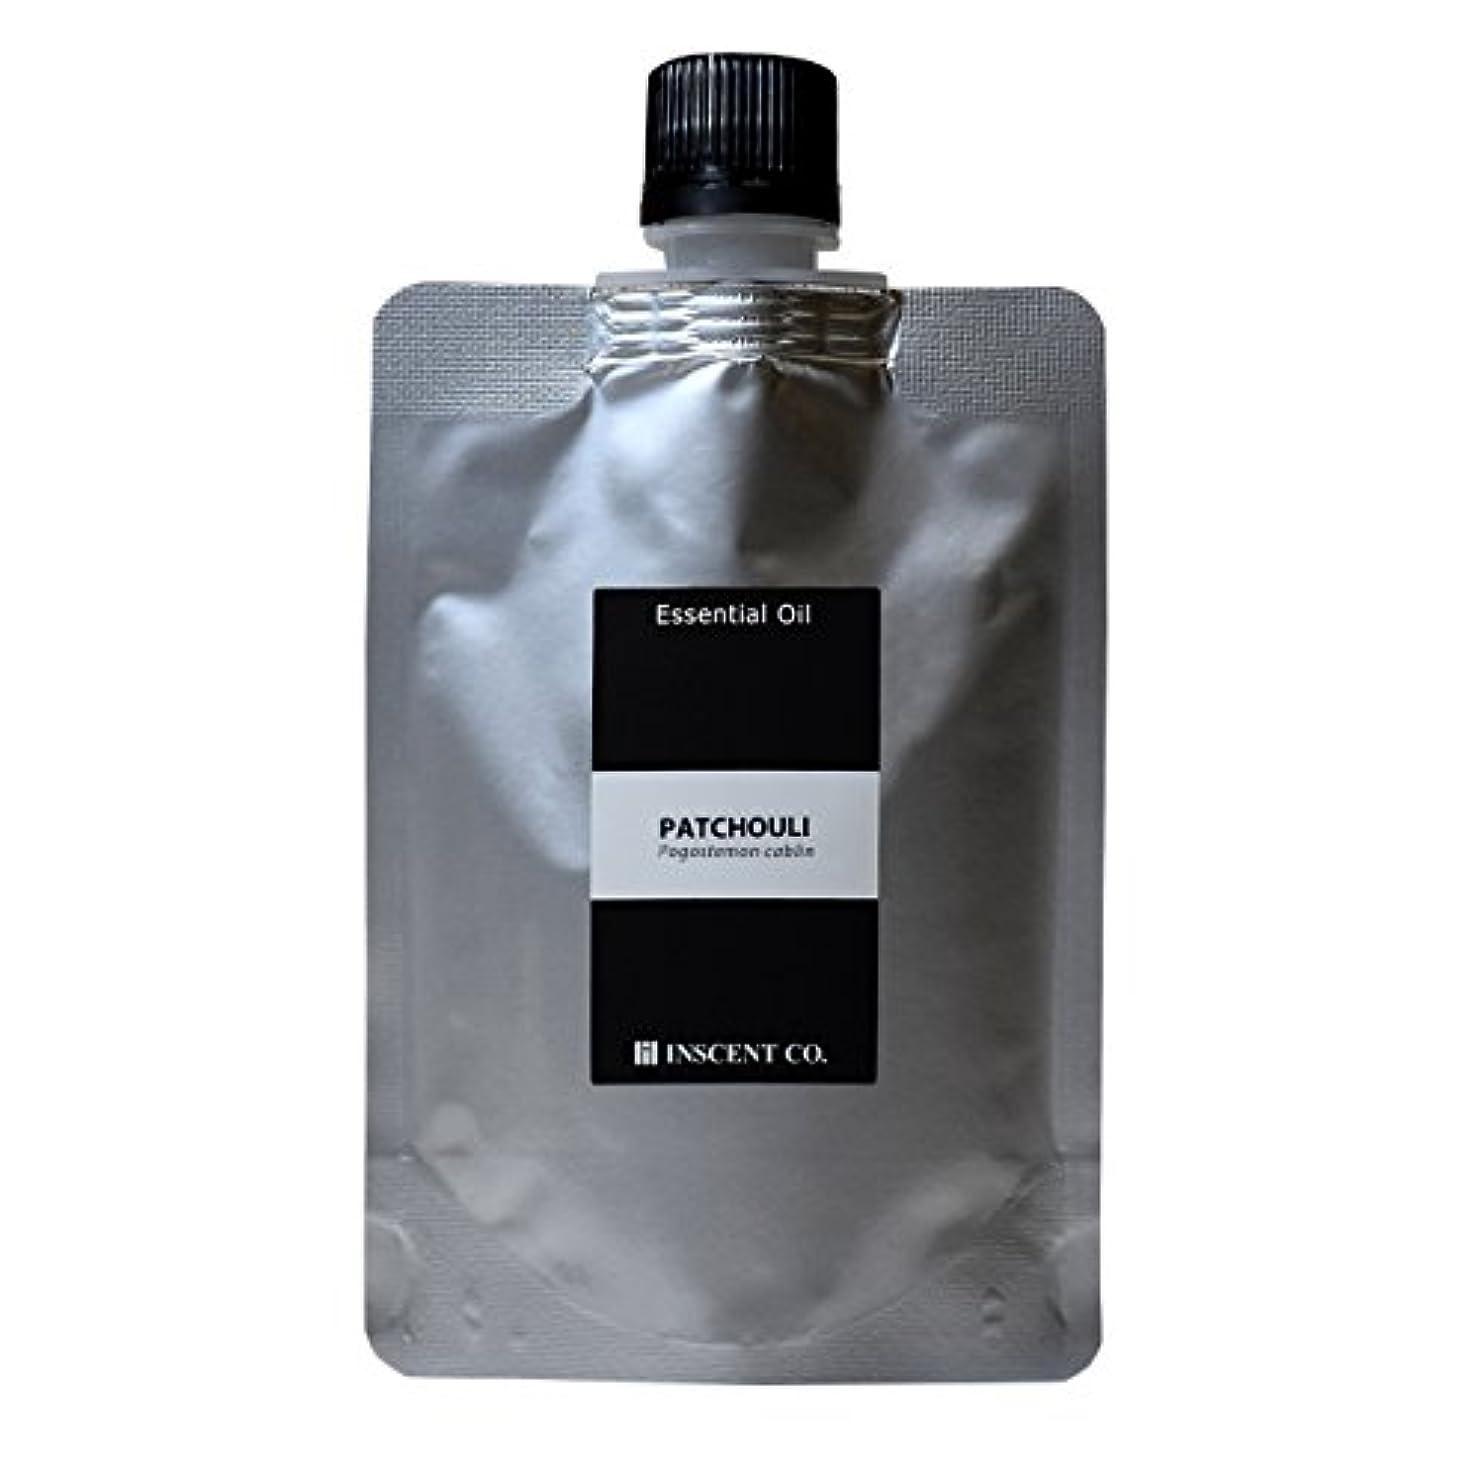 開発加速する悪質な(詰替用 アルミパック) パチュリ (パチョリ) 50ml インセント アロマオイル AEAJ 表示基準適合認定精油